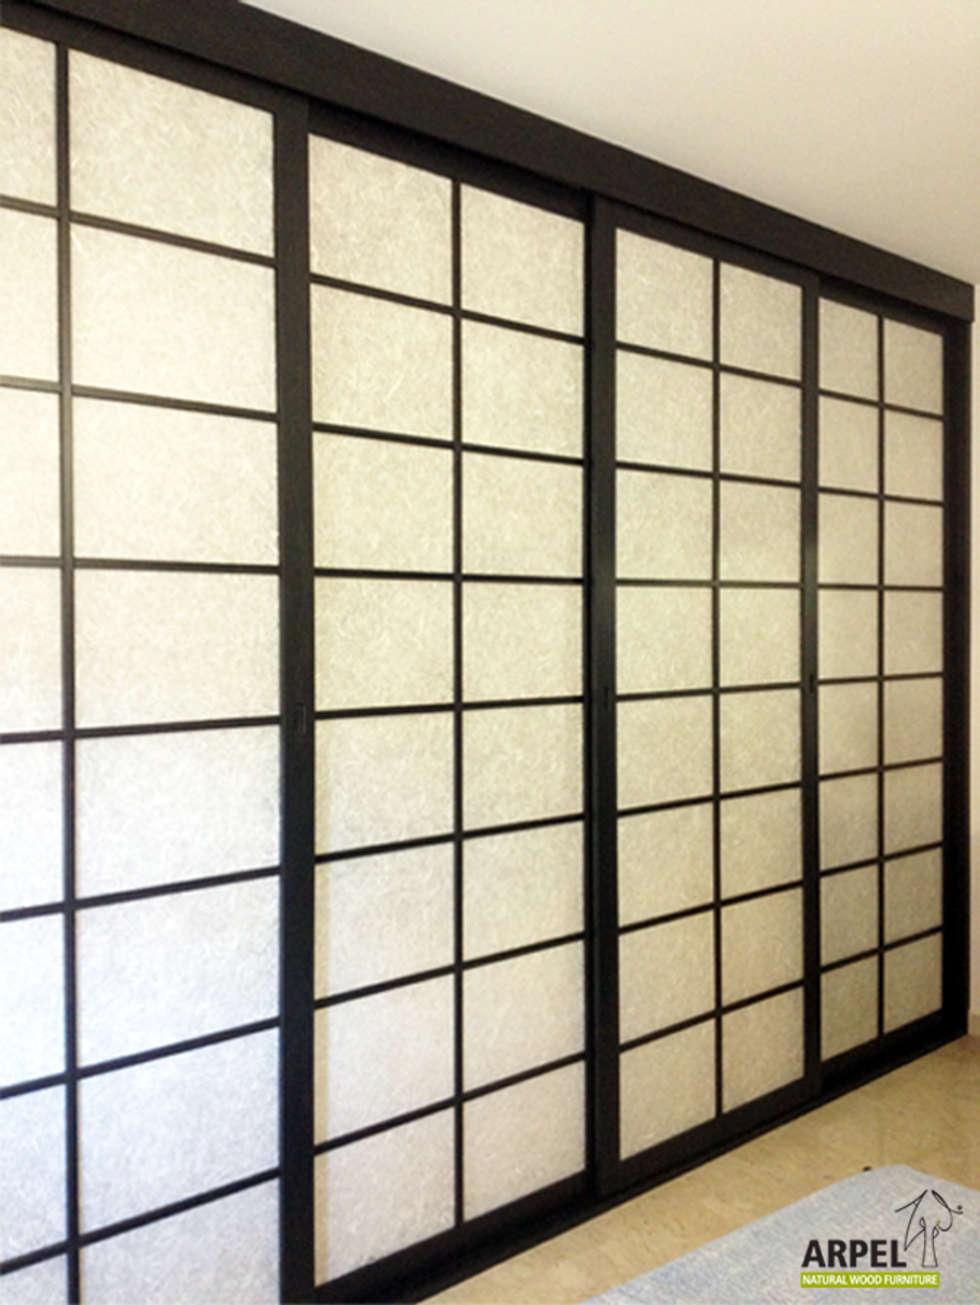 Pareti scorrevoli giapponesi un esempio di parete shoji la parete giapponese in legno e carta - Porte scorrevoli stile giapponese ...